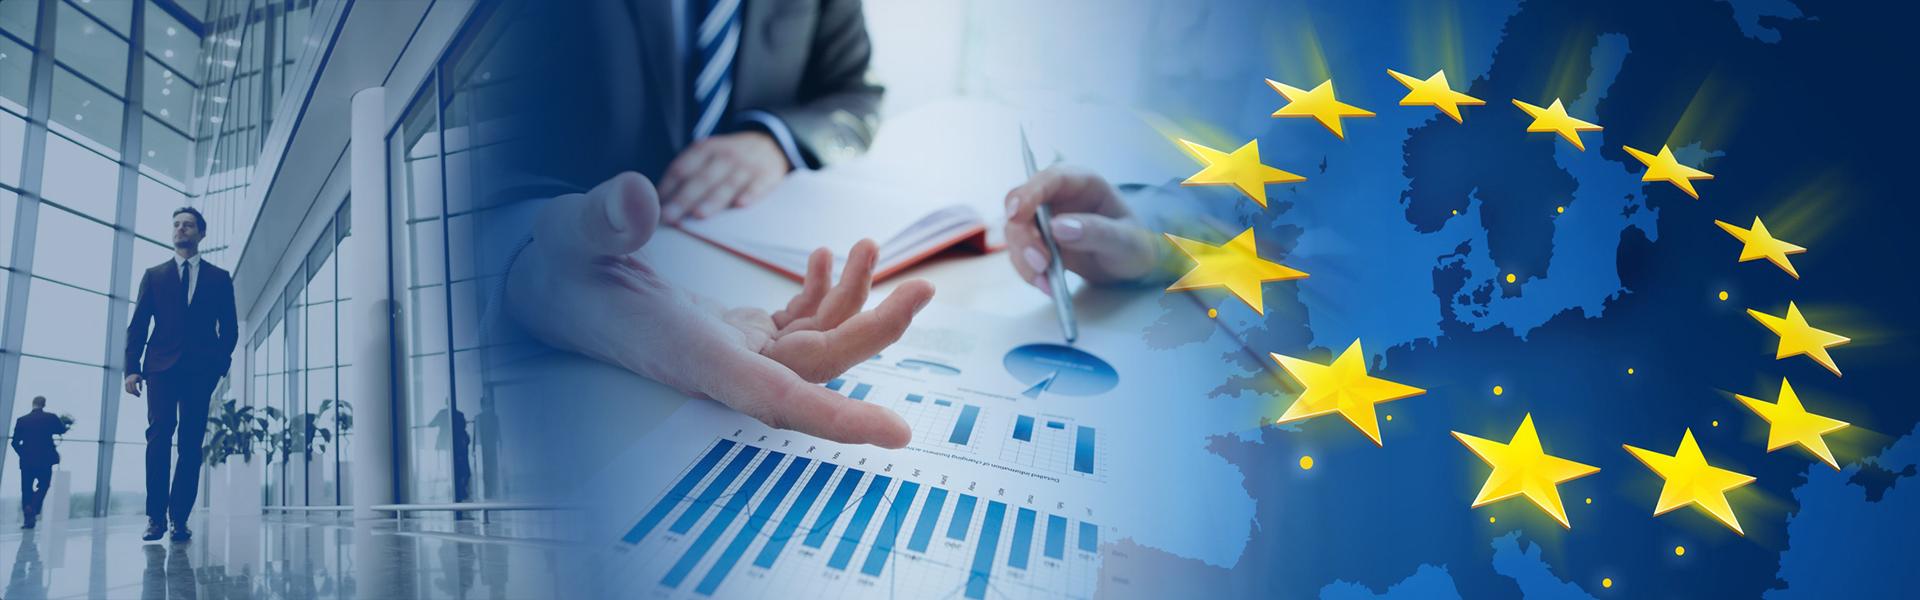 EU PROGRAMS